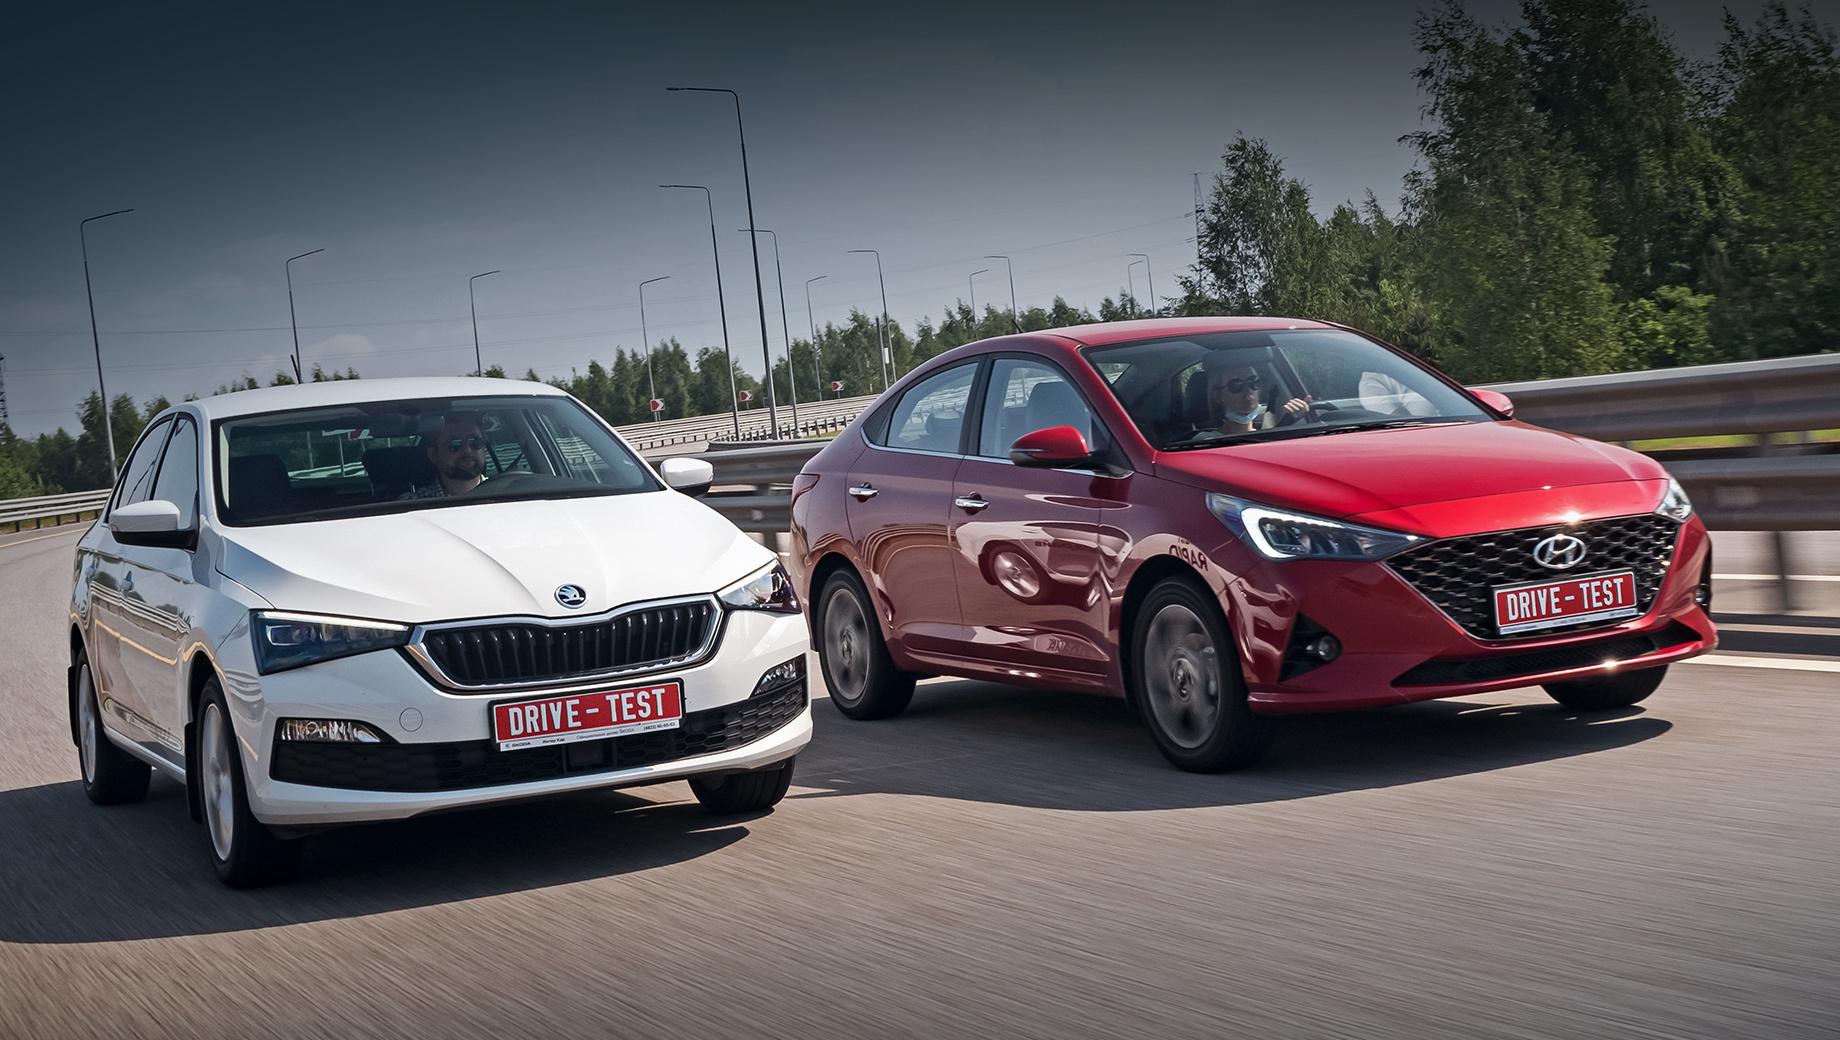 Тест-драйв: Сверяем обновления хитов Hyundai Solaris и Skoda Rapid